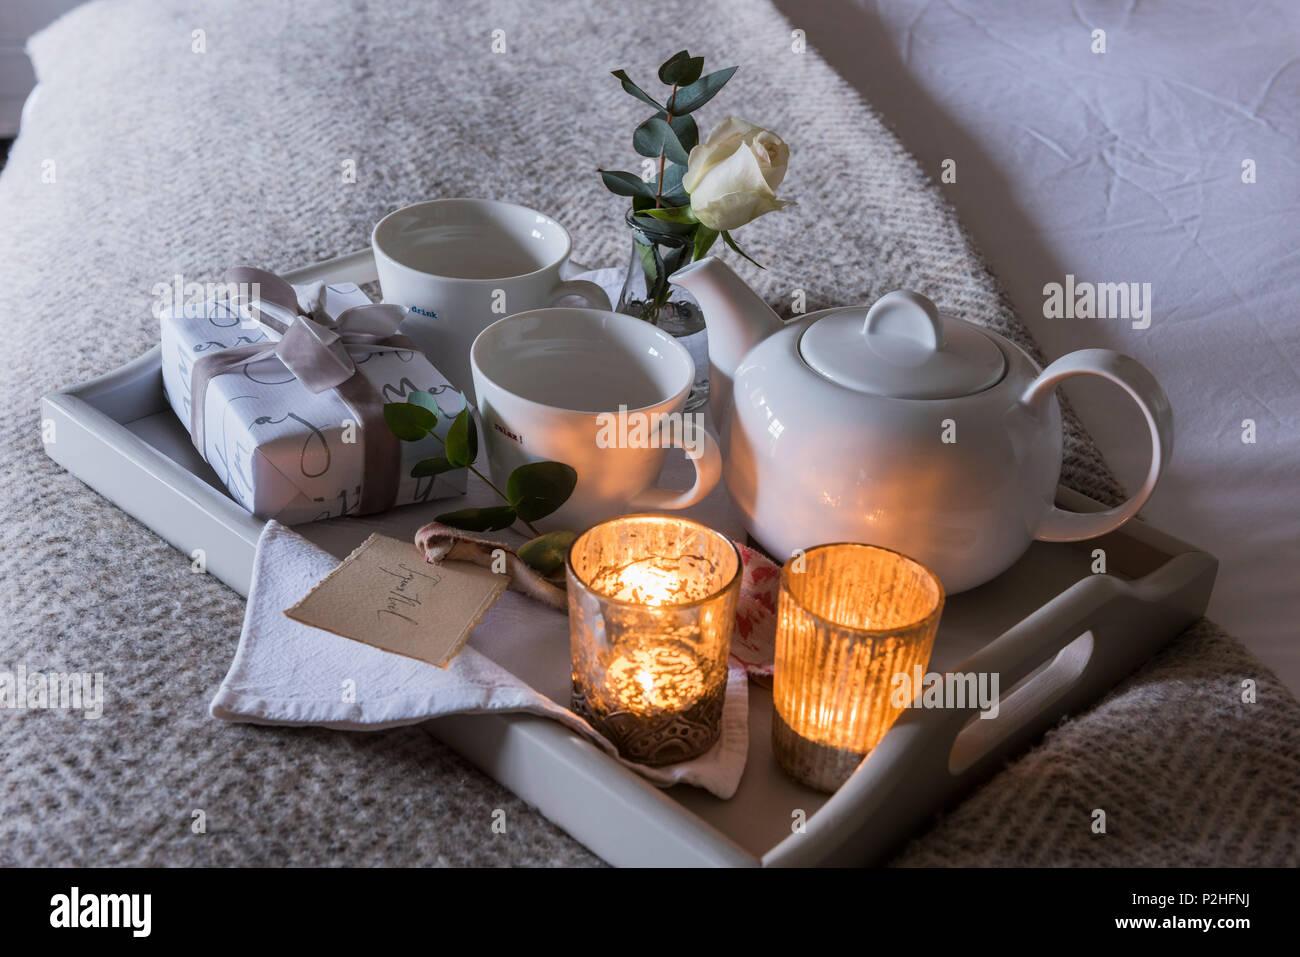 Détail d'un photophore allumé plateau de petit-déjeuner avec de petits présents enveloppés et White Rose. Photo Stock